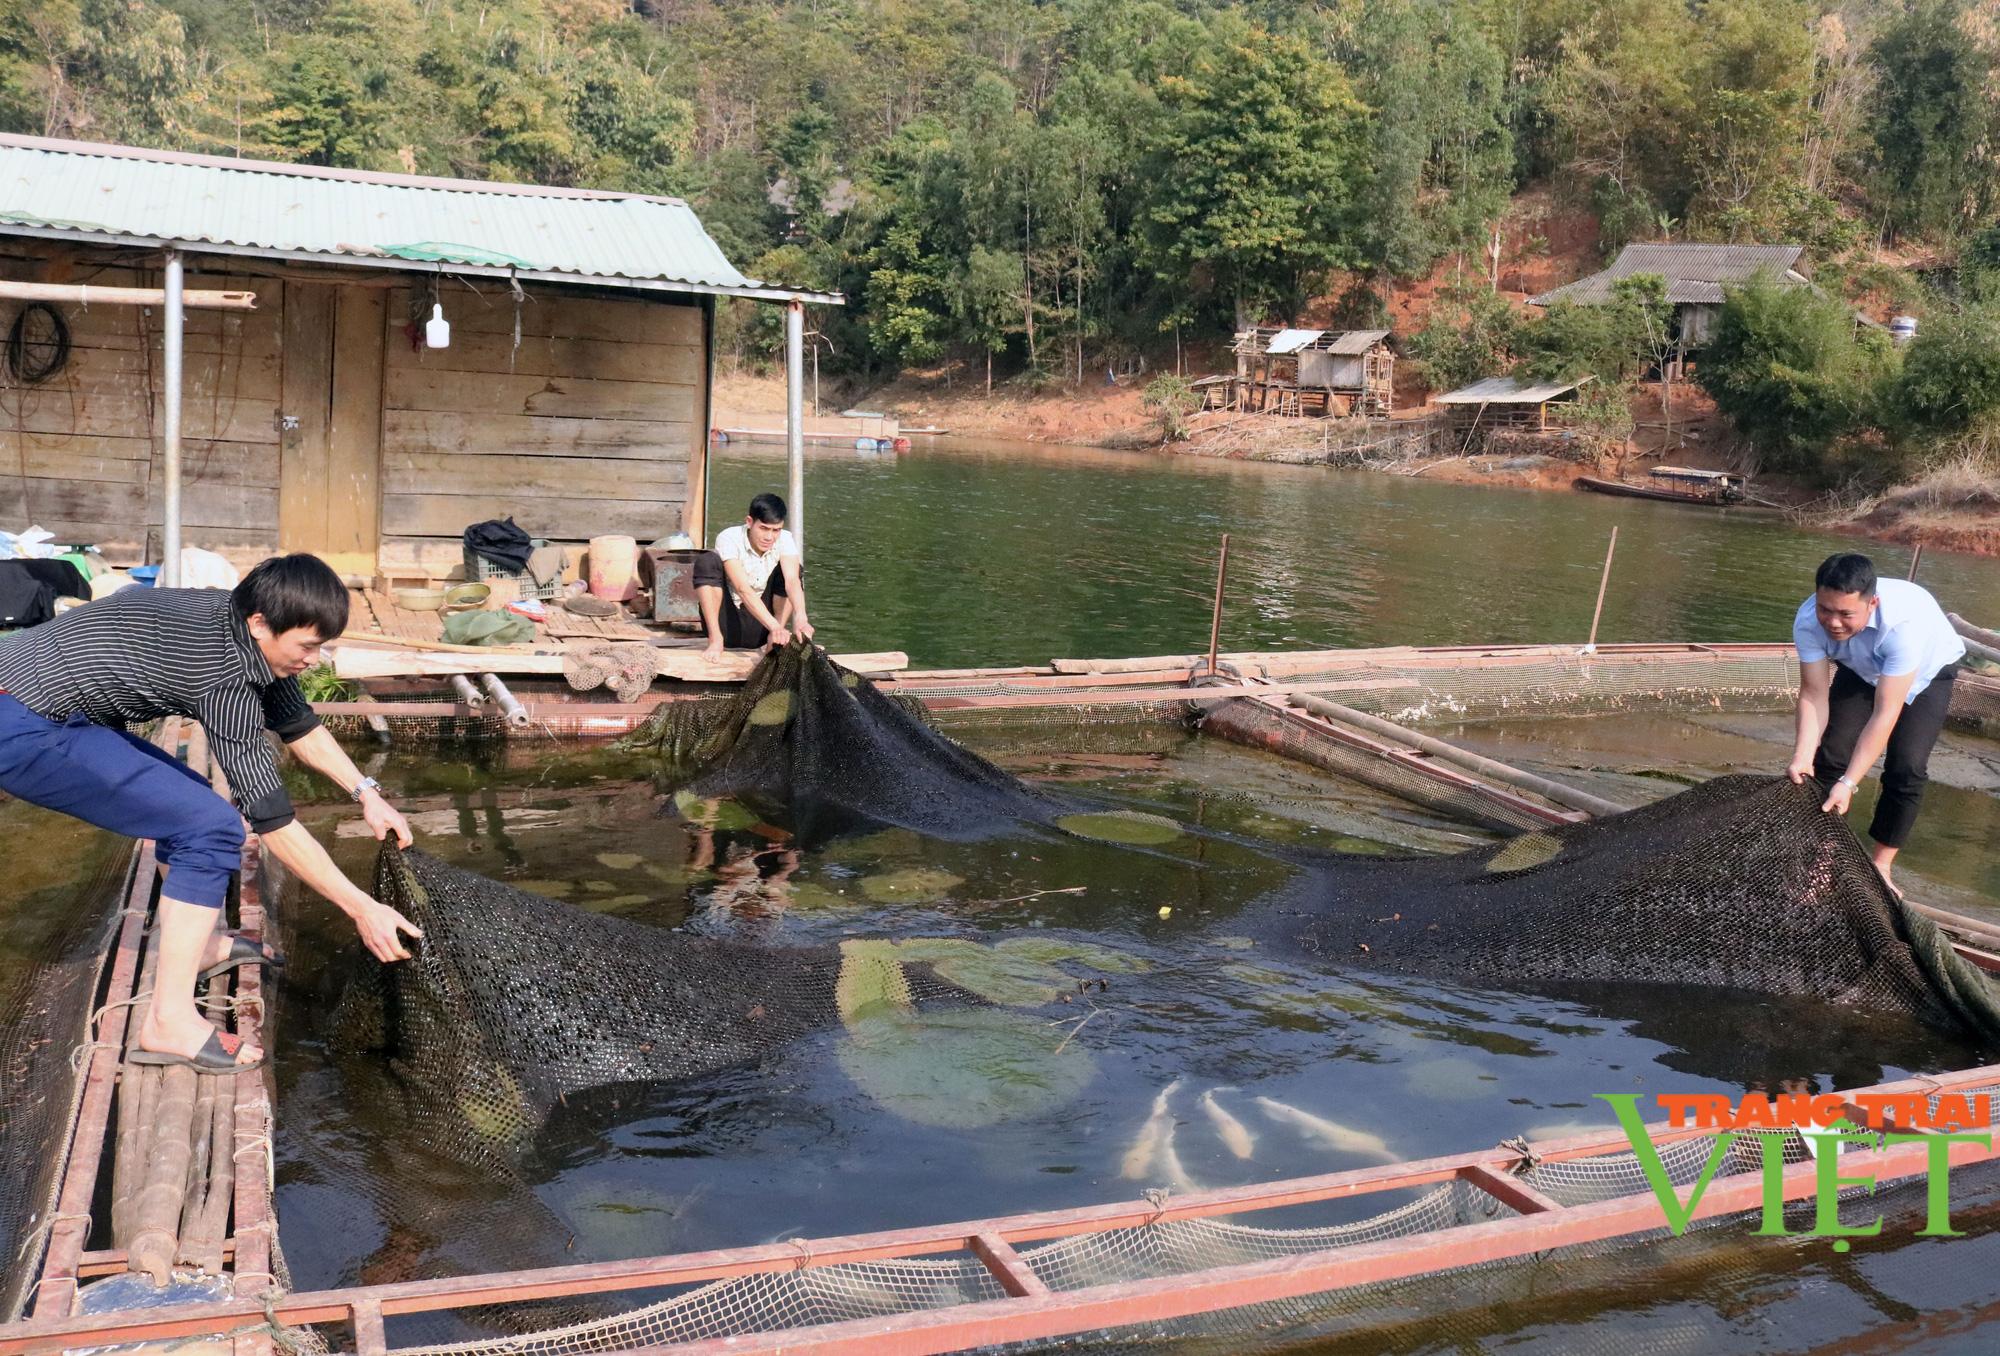 Nuôi cá lồng trên lòng hồ thủy điện Sơn La, người dân bản Ít có thu nhập ổn định  - Ảnh 1.